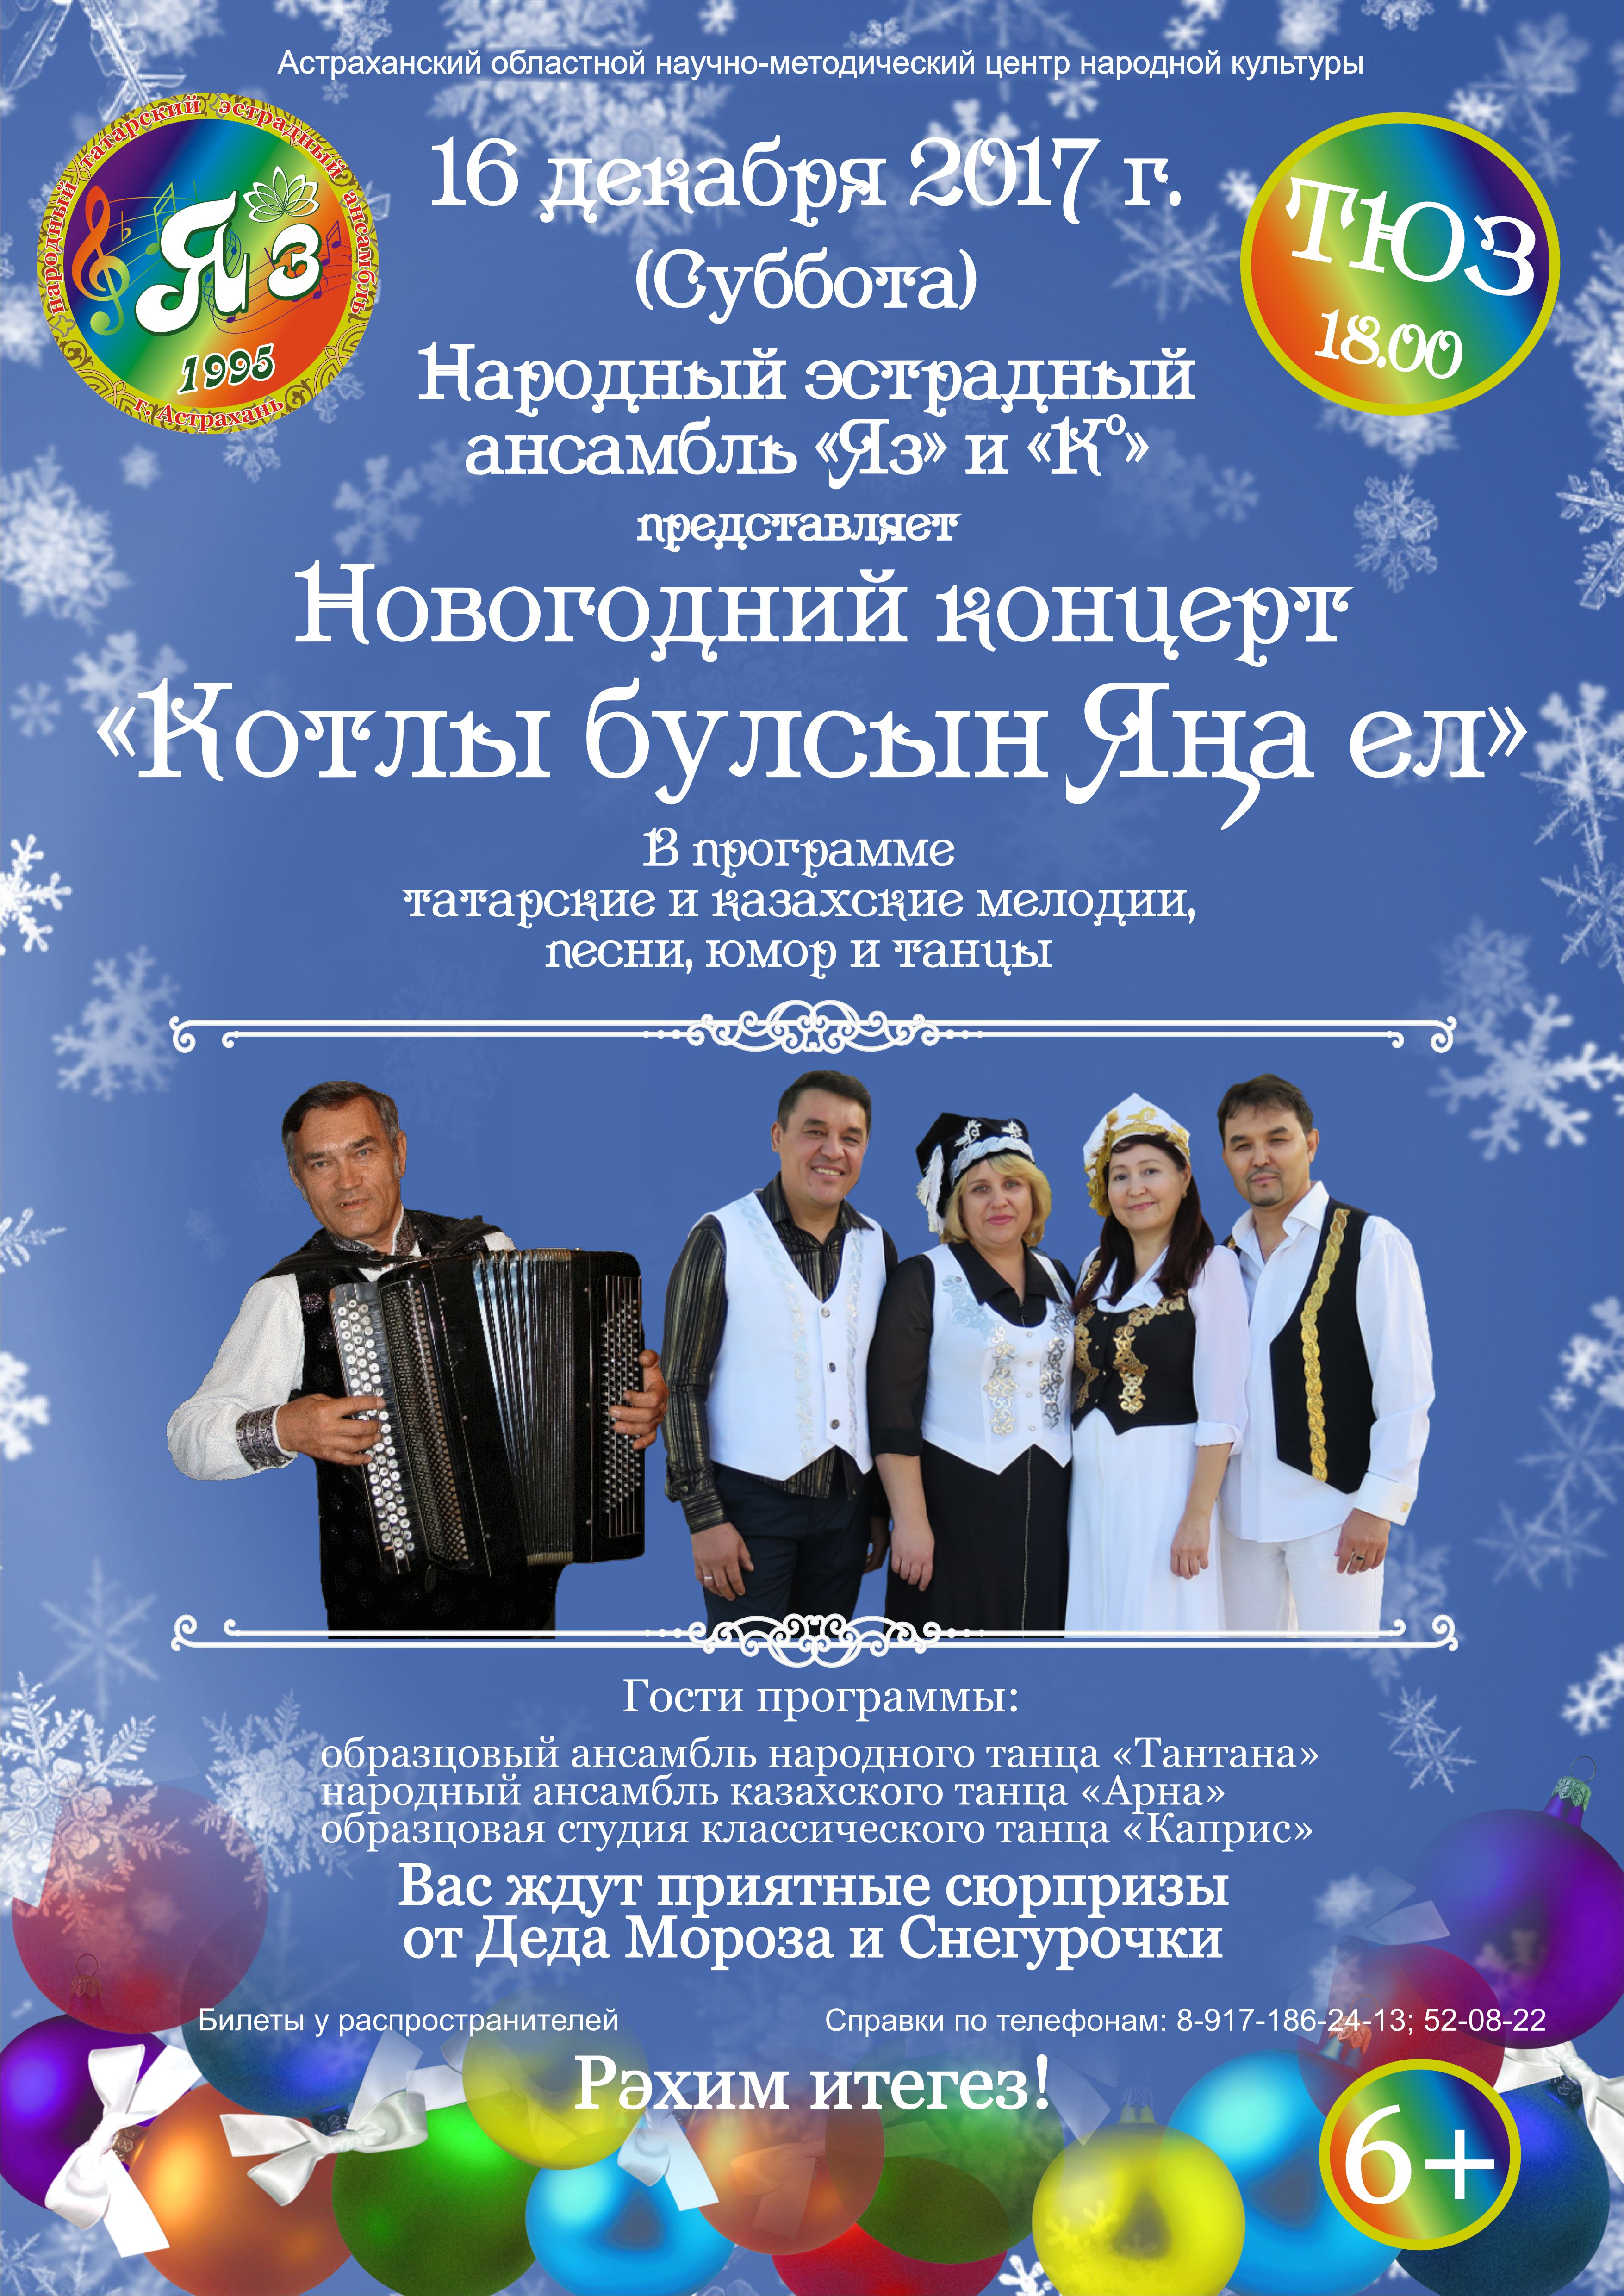 В Астрахани пройдет новогодний концерт ансамбля «Яз» и «К0»